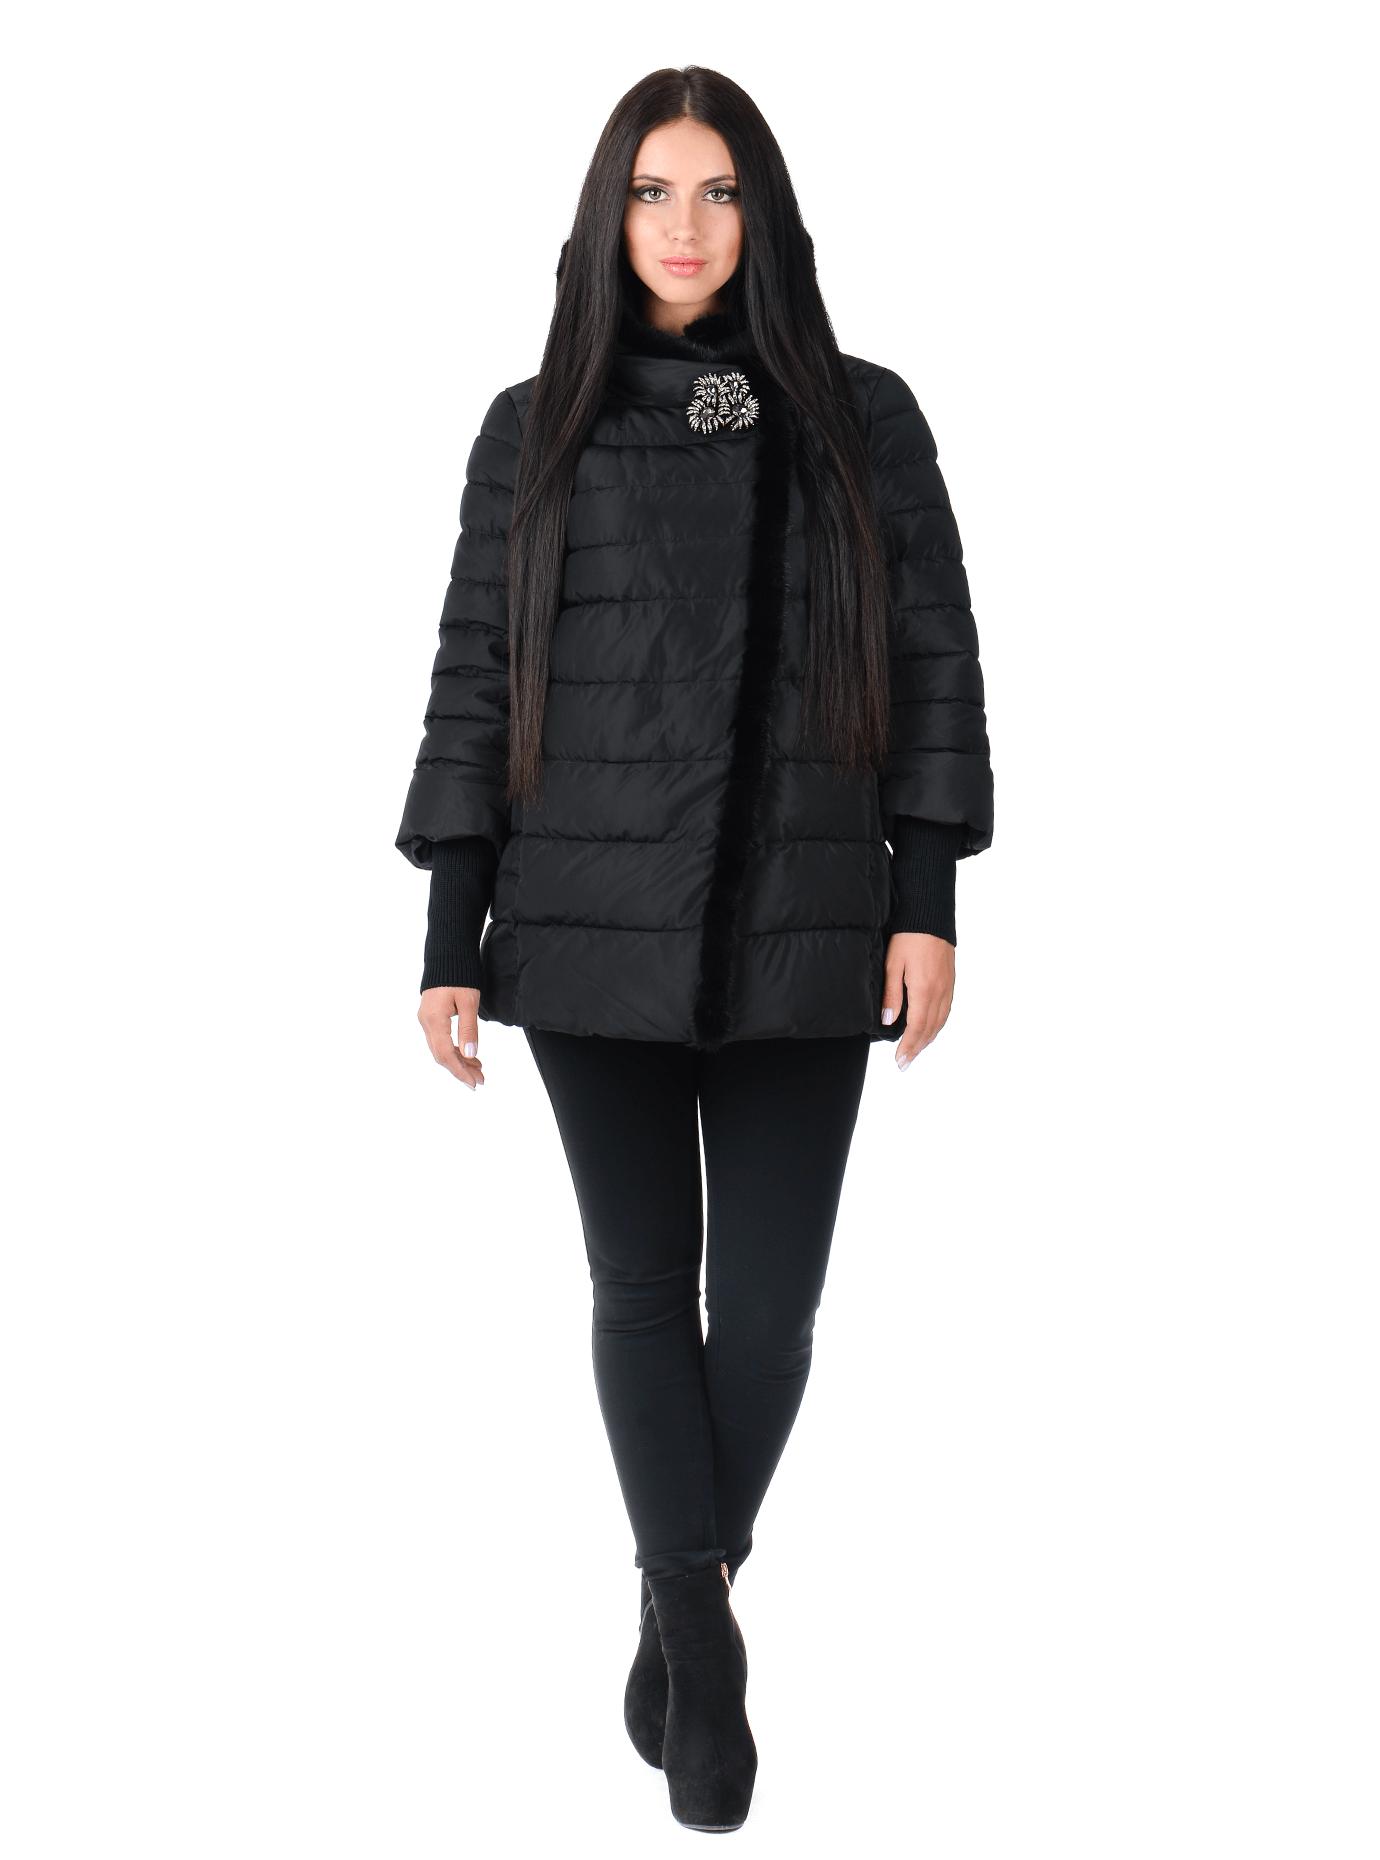 Куртка женская зимняя с мехом норки Чёрный S (05-AB9103): фото - Alster.ua